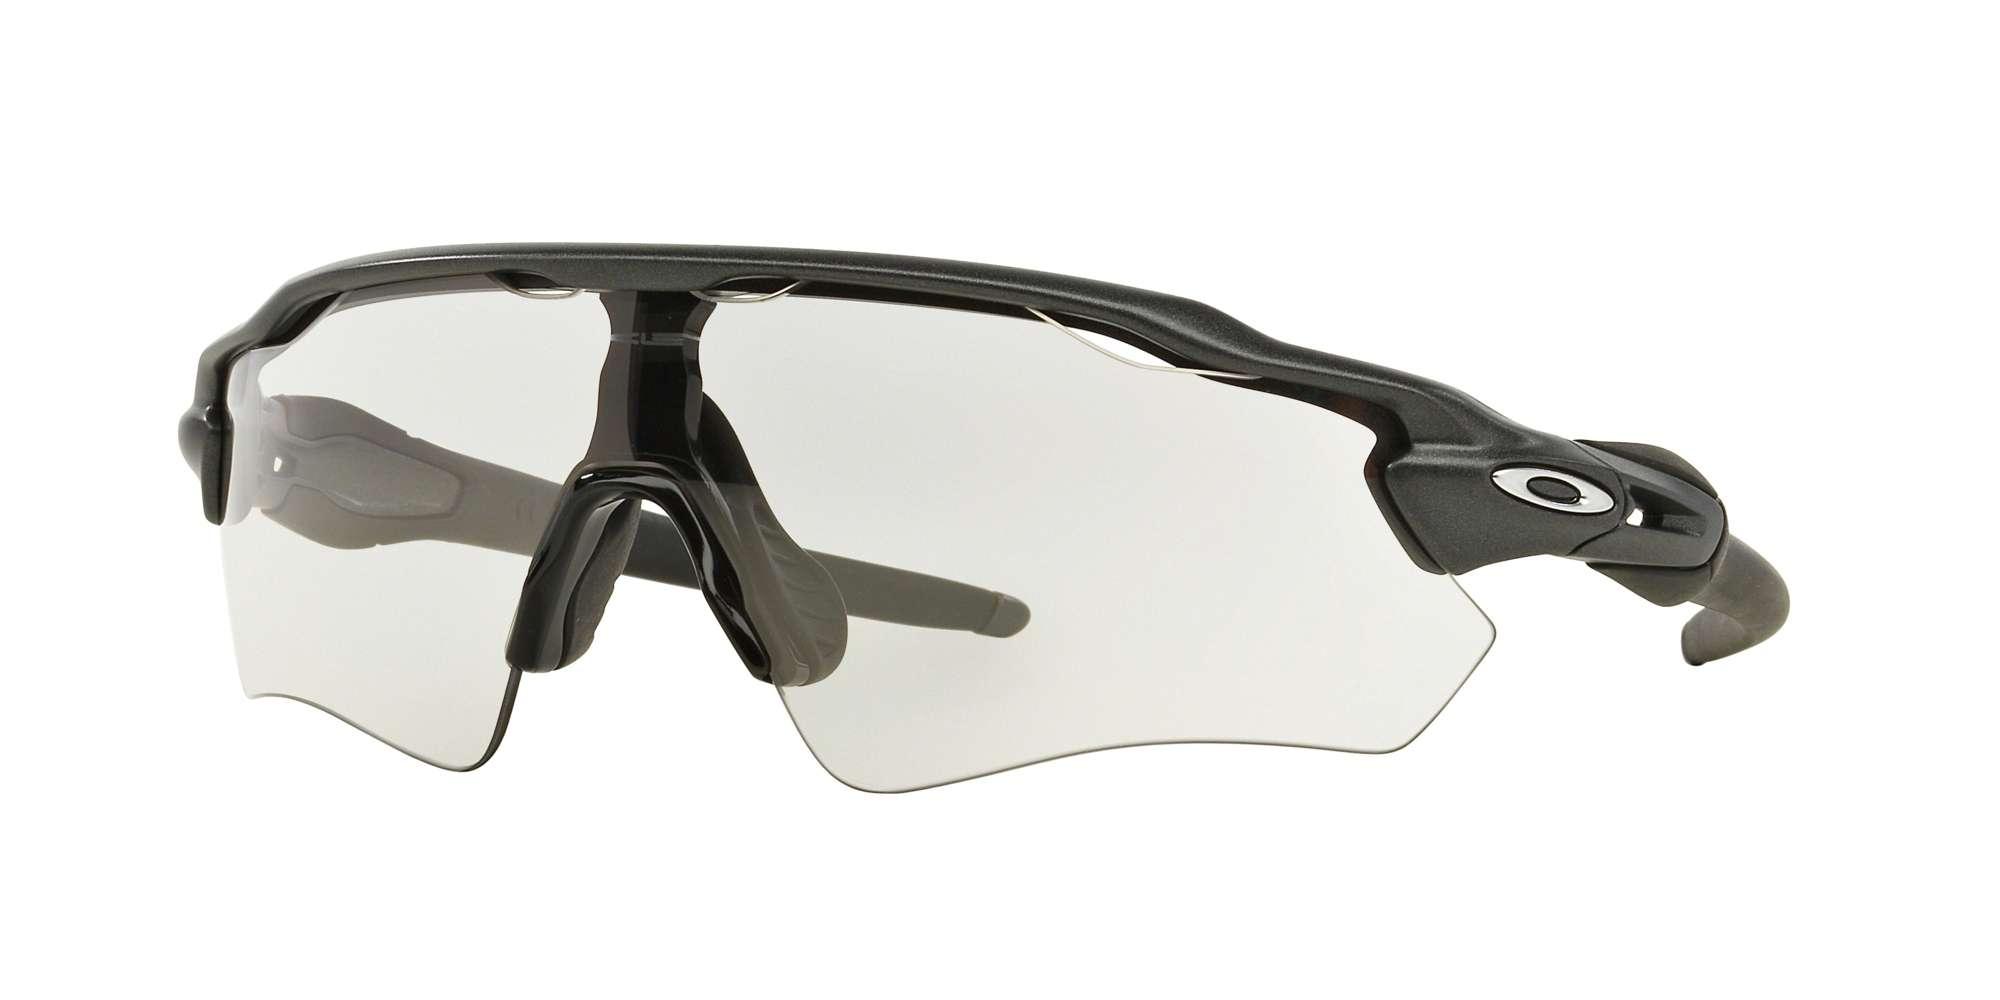 STEEL / Clear to Black Photochromic lenses